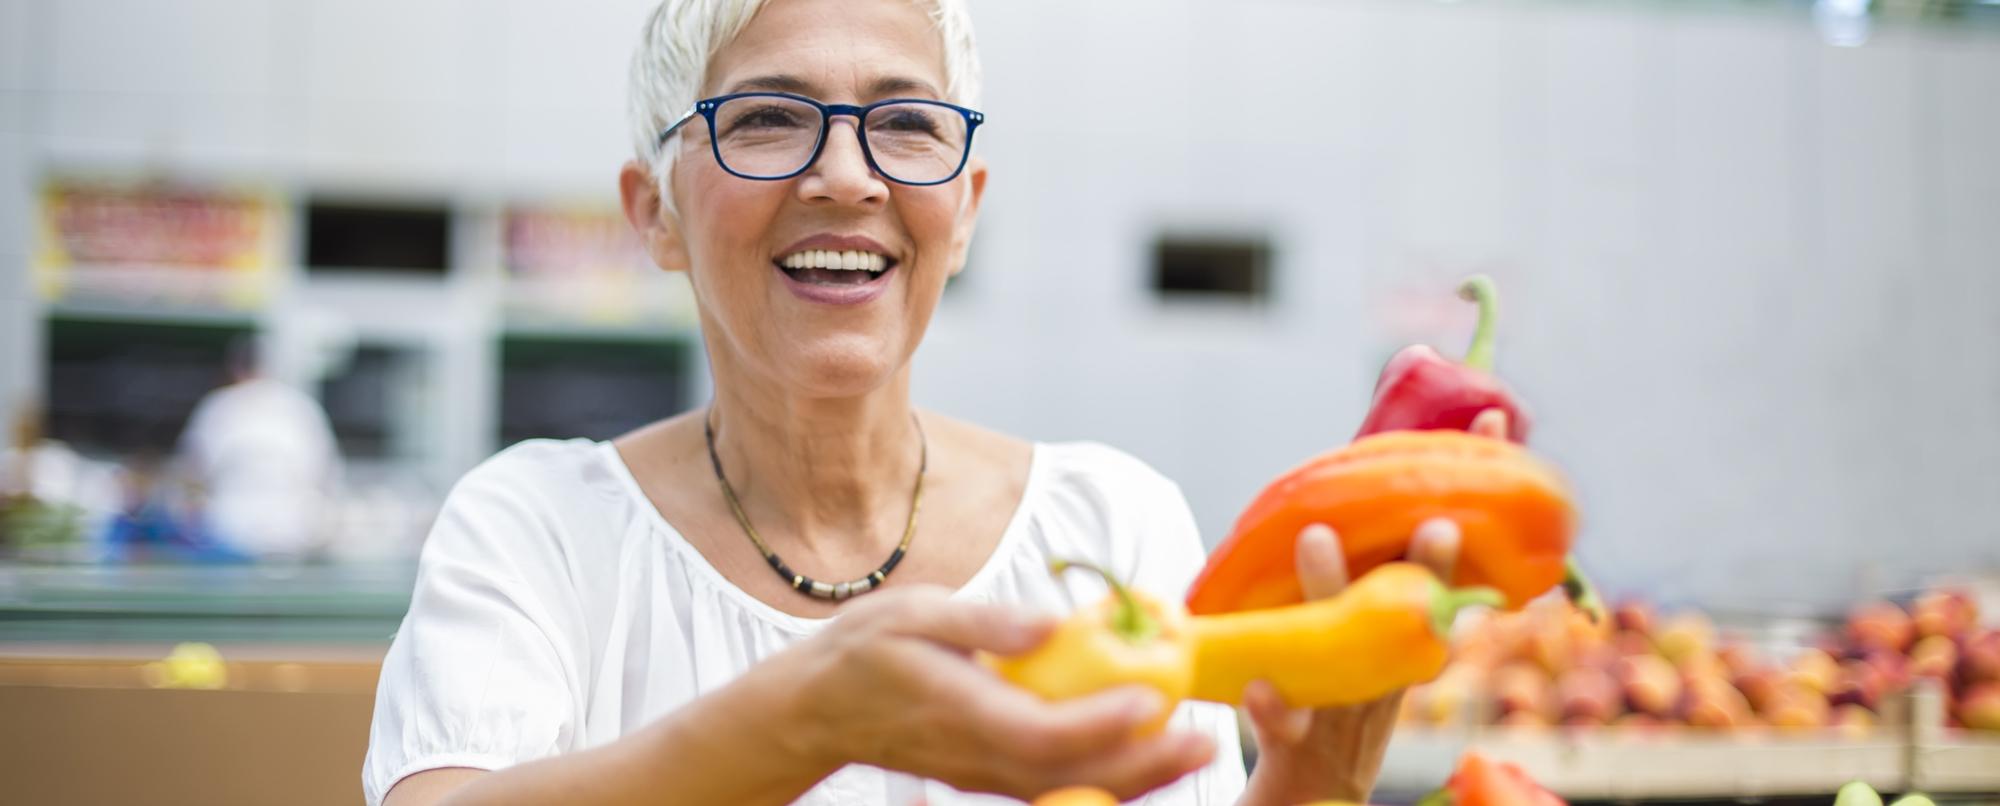 anziani-alimentazione-diabete